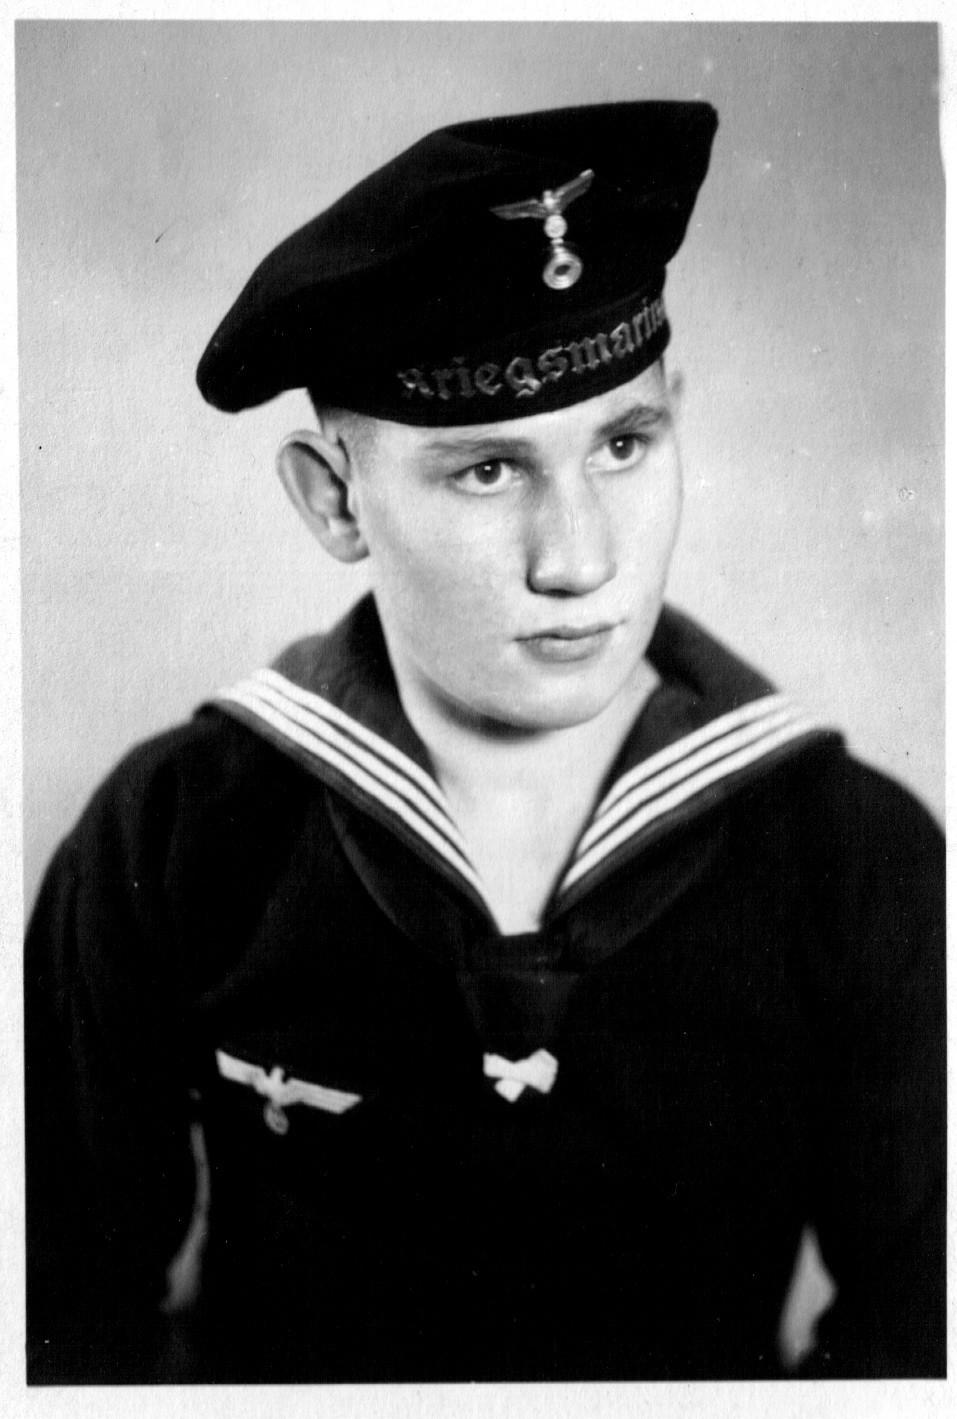 Maschinengefreiter Werner Pabst, U-630